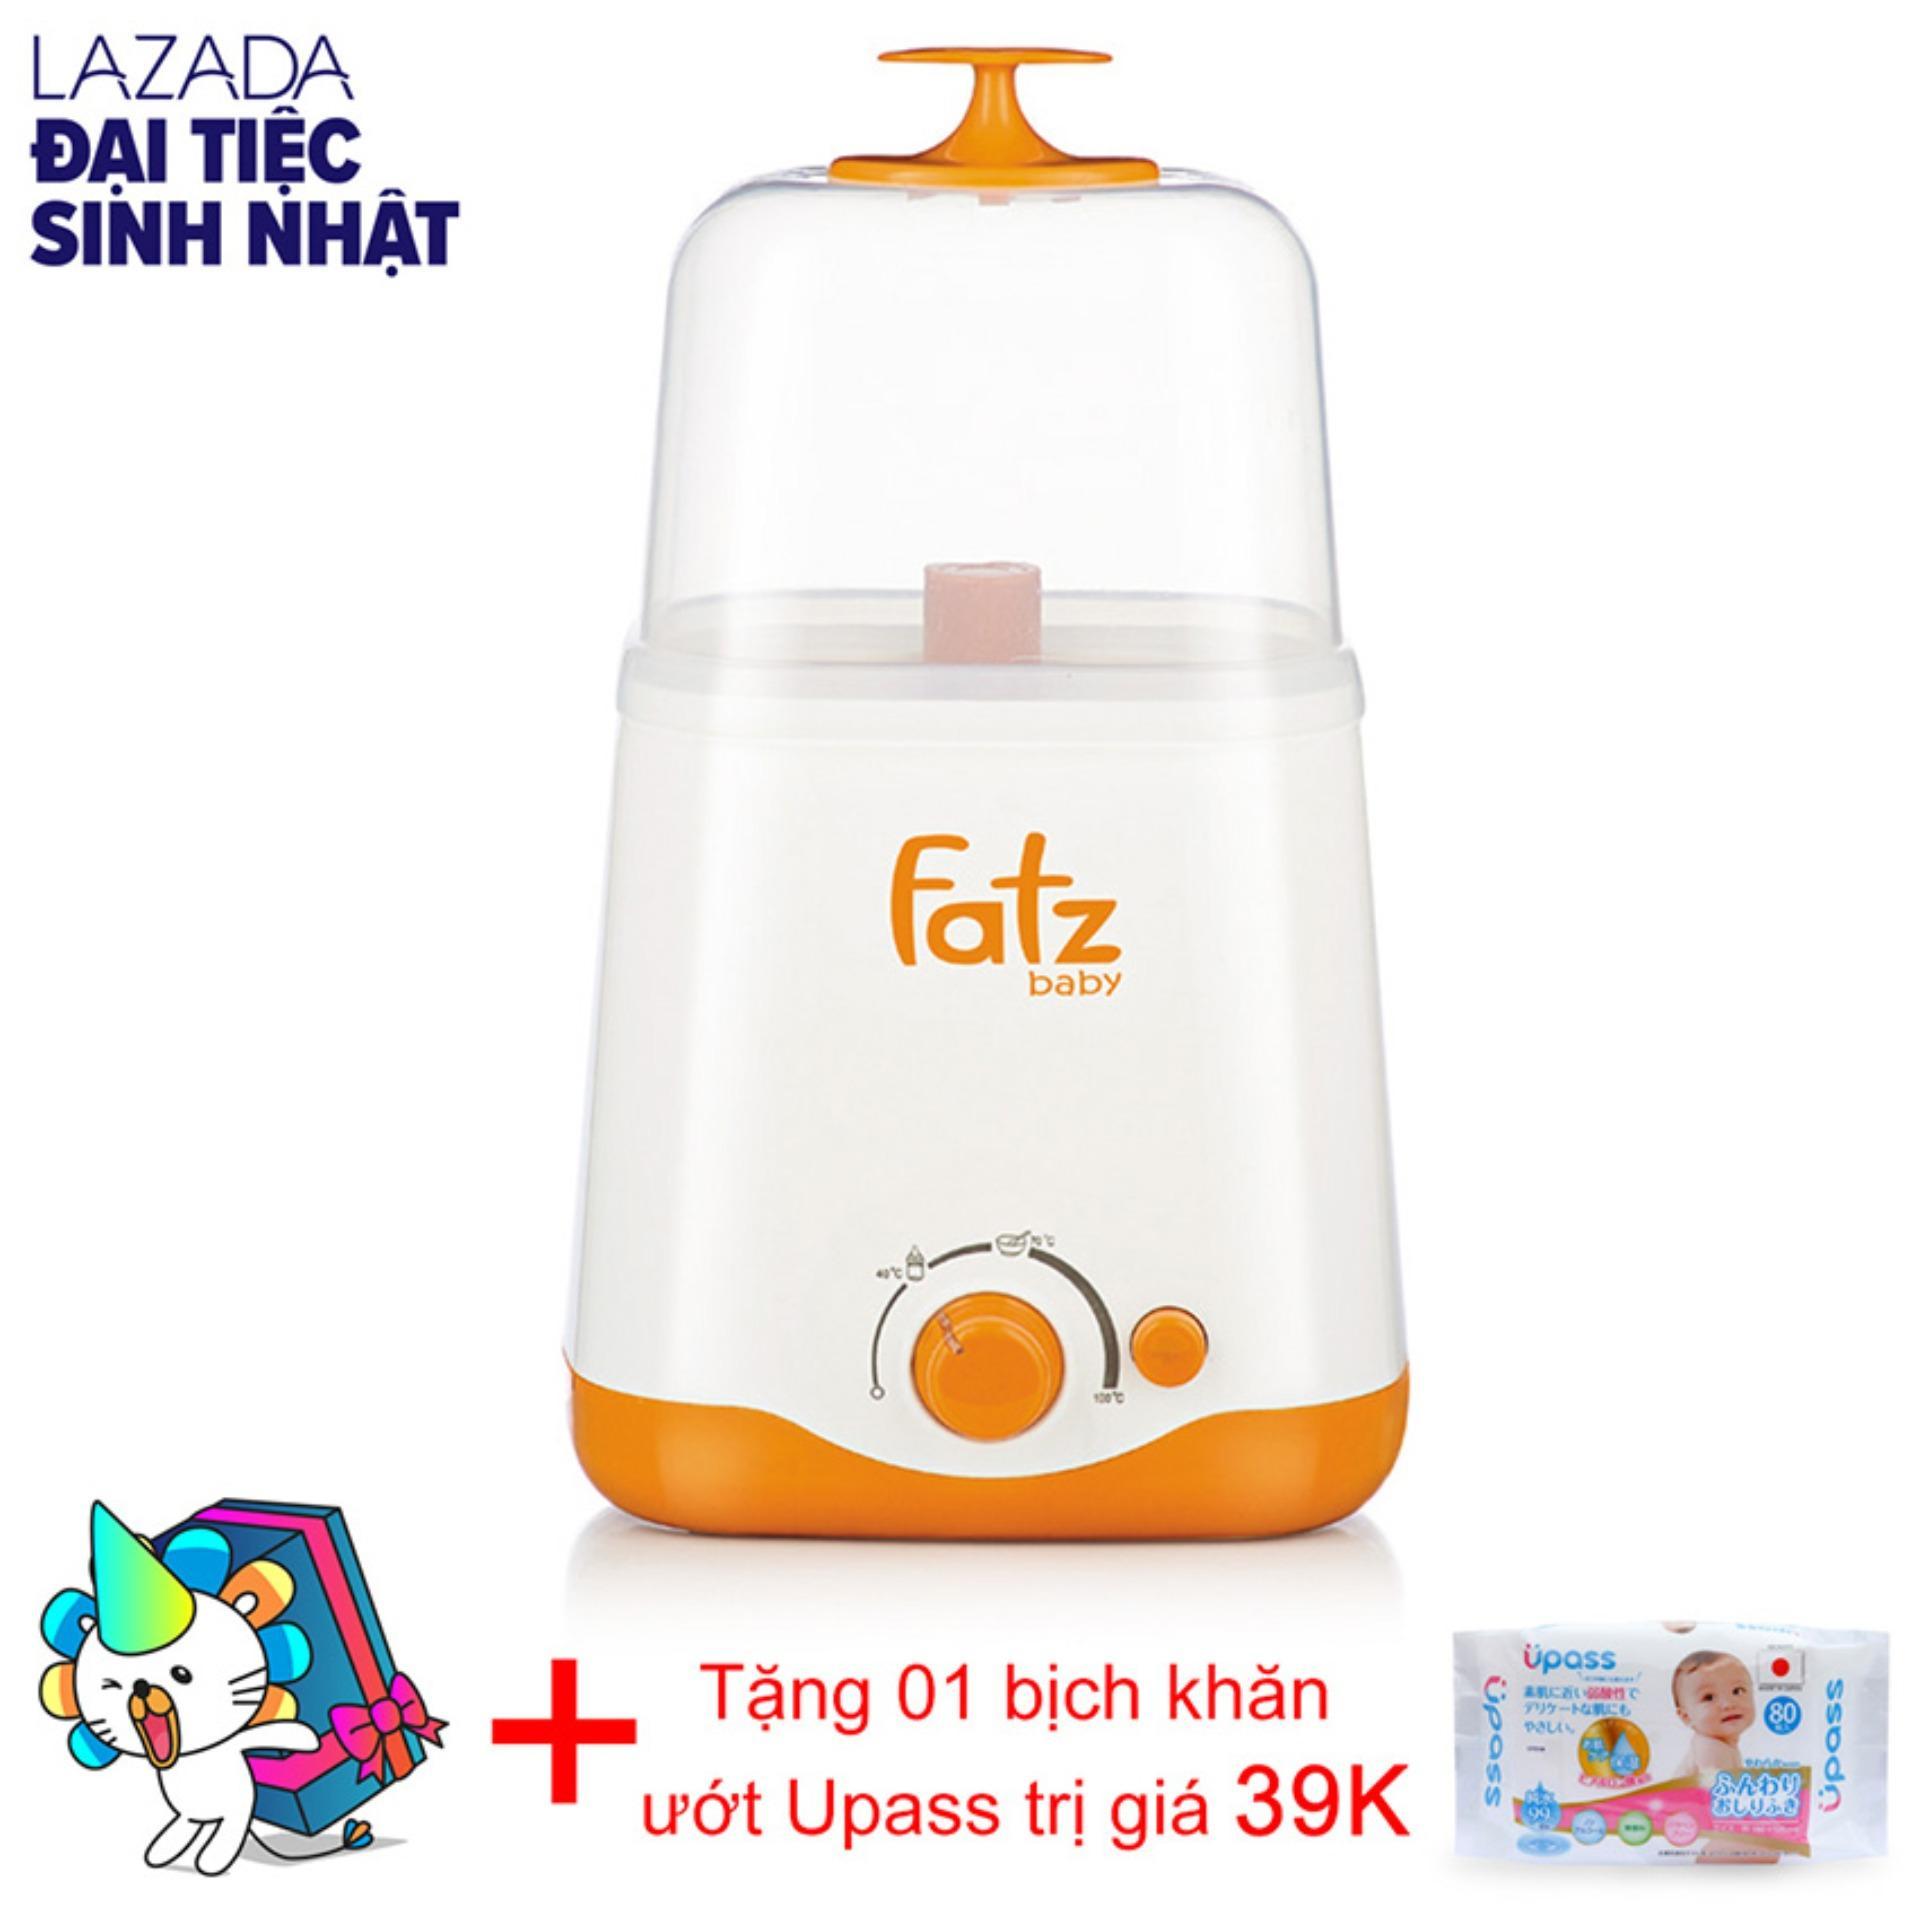 Giá Bán May Ham Sữa Hai Binh Cổ Rộng Thế Hệ Mới Fatz Baby Fb3012Sl Trực Tuyến Hồ Chí Minh